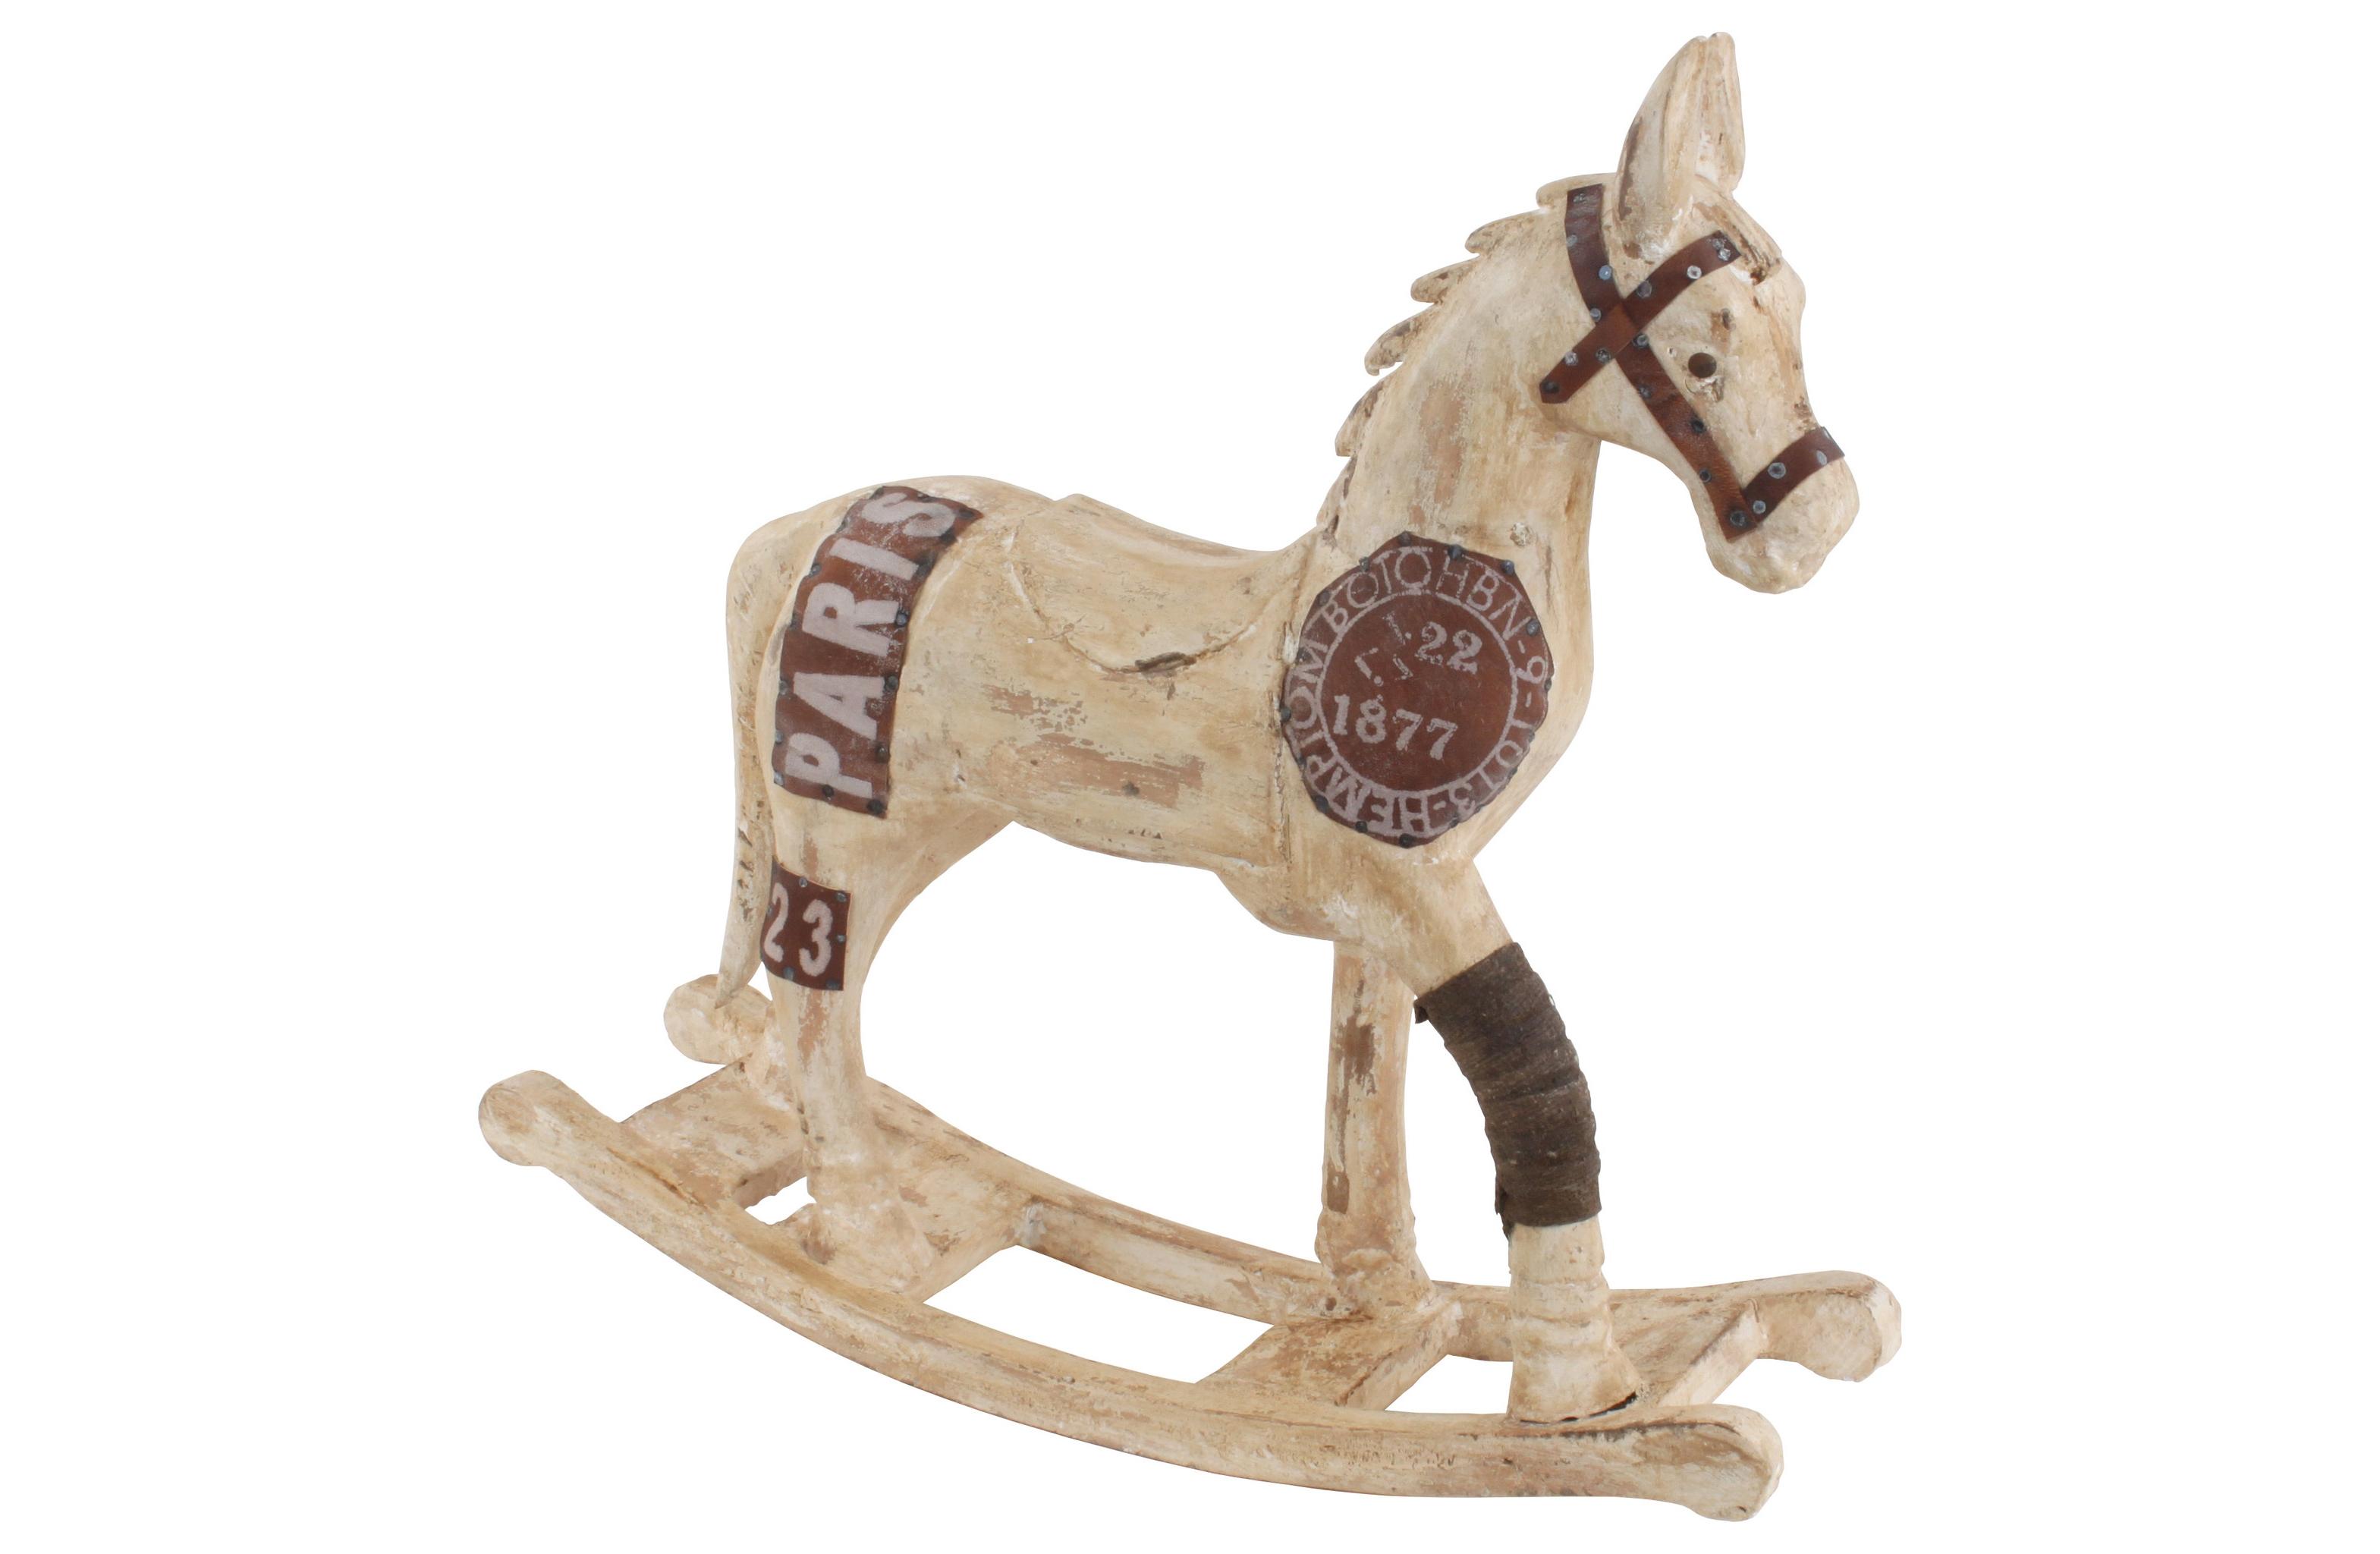 Декоративная лошадьДругое<br>Помните в далеком советском прошлом у детей были деревянные лошадки, которые плавно раскачивались в сторону? Это статуэтка — уменьшенная копия известной игрушки, готовая перевоплотиться в роль декоративного элемента. Она дополнит любой интерьер, которому созвучна ностальгическая атмосфера счастливо-беззаботного детства.&amp;amp;nbsp;<br><br>Material: Дерево<br>Ширина см: 14<br>Высота см: 54